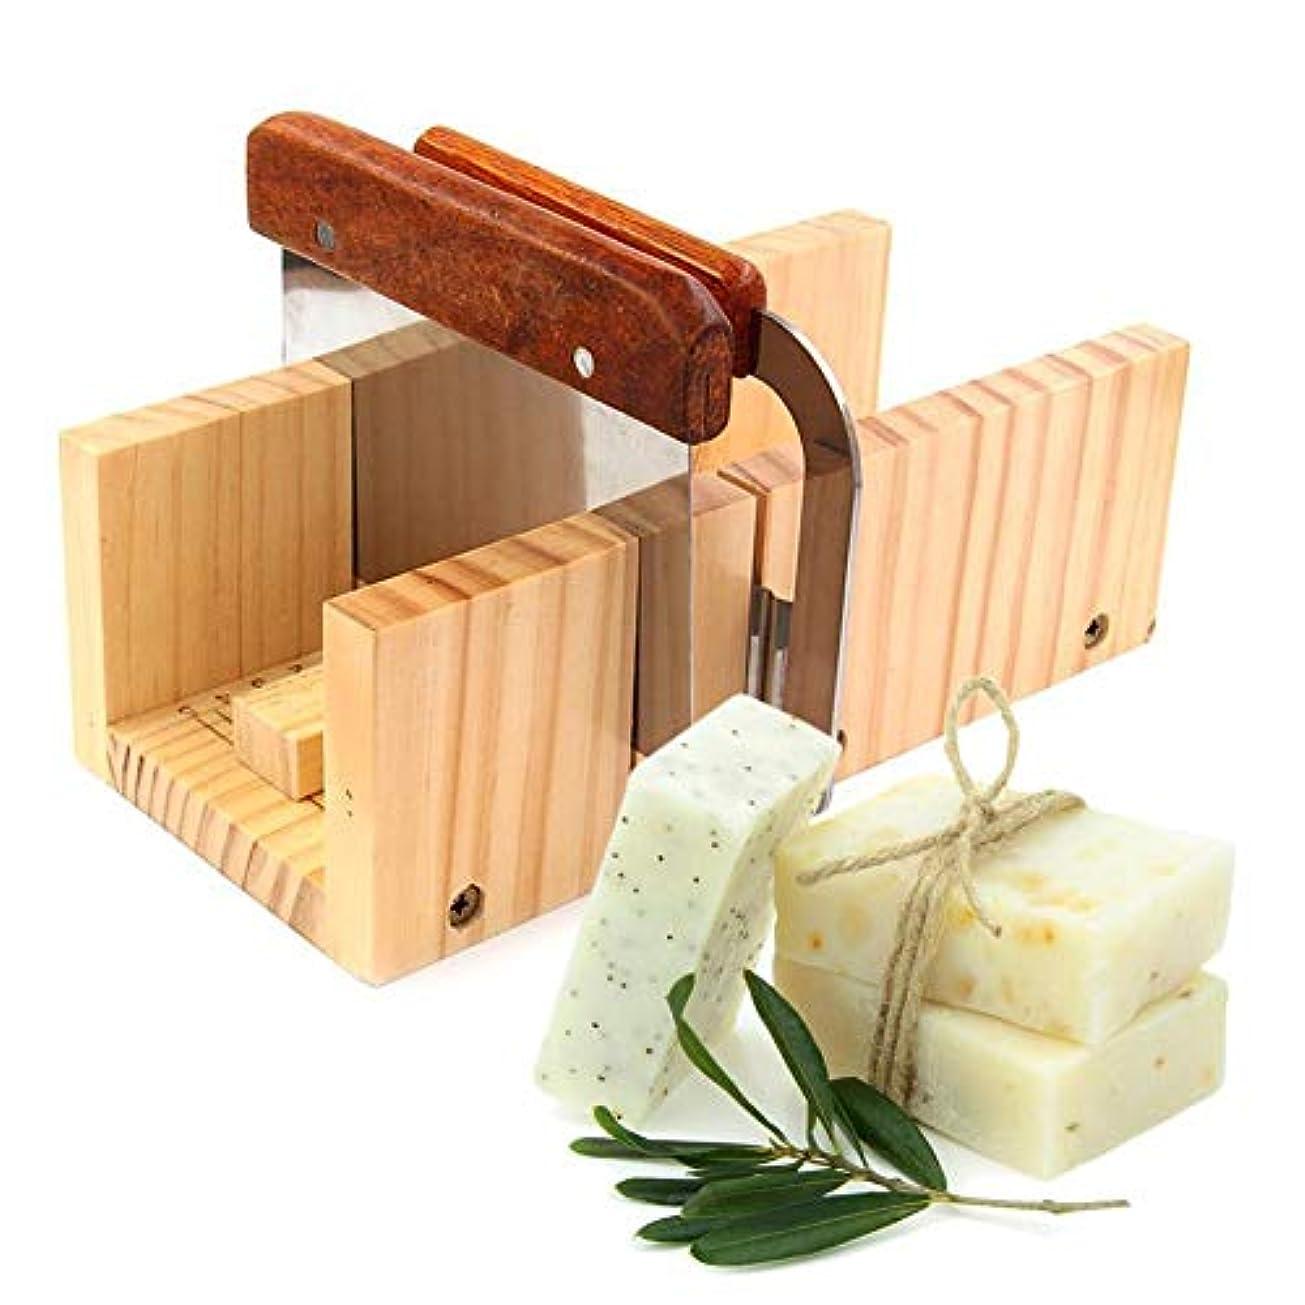 膿瘍ラケット樹木Ragem ソープカッター 手作り石鹸金型 木製 ローフカッターボックス 調整可能 多機能ソープ切削工具 ストレートプレーニングツール